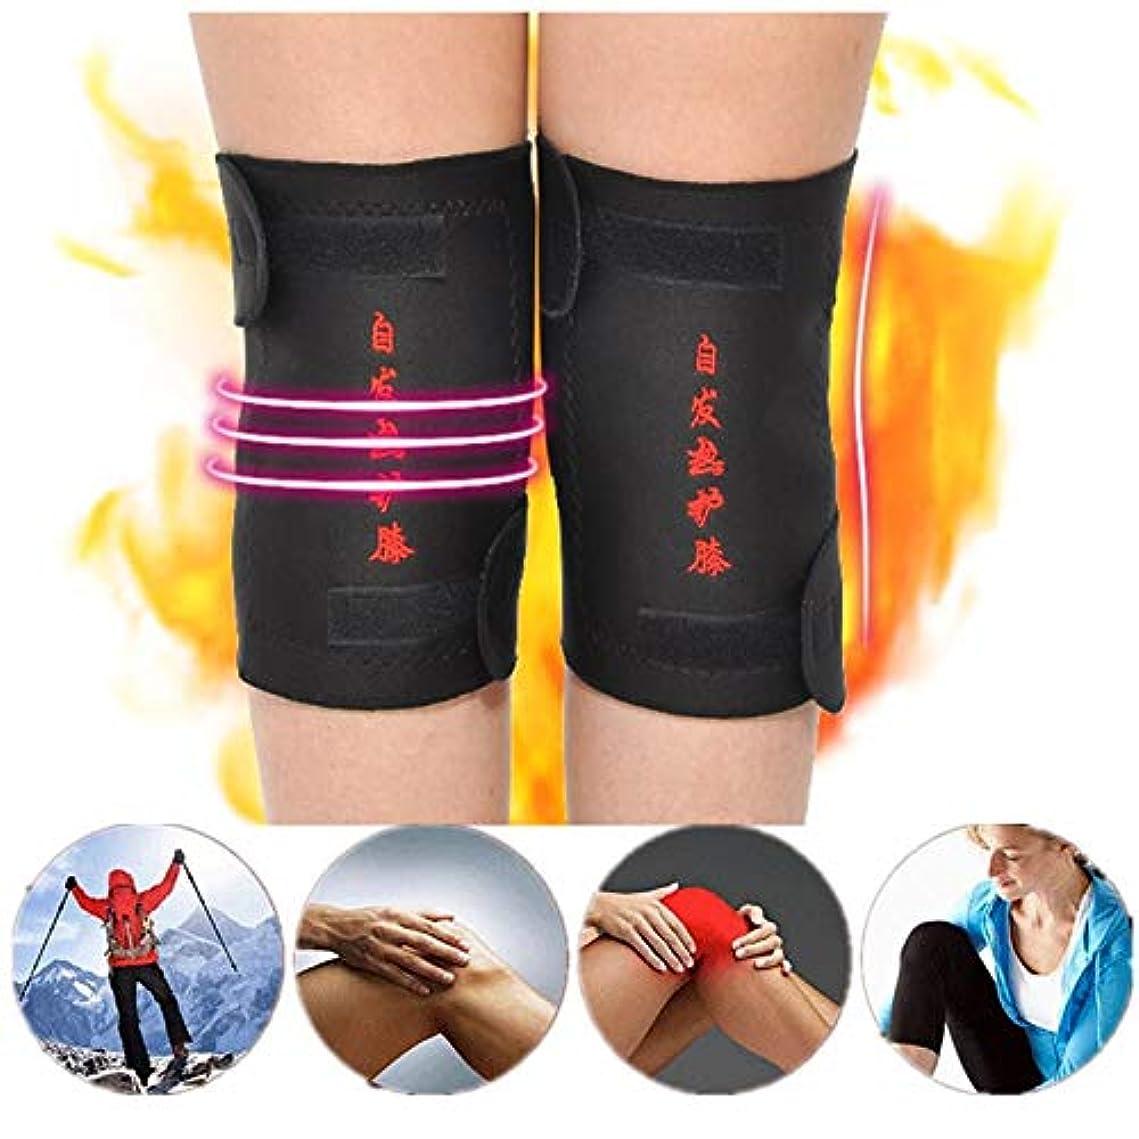 換気する悲惨姉妹1 ペア 毎日健康 ケア 膝の痛み救済傷害捻挫自己加熱された膝 パッド 付き磁気治療内部加熱膝 パッド